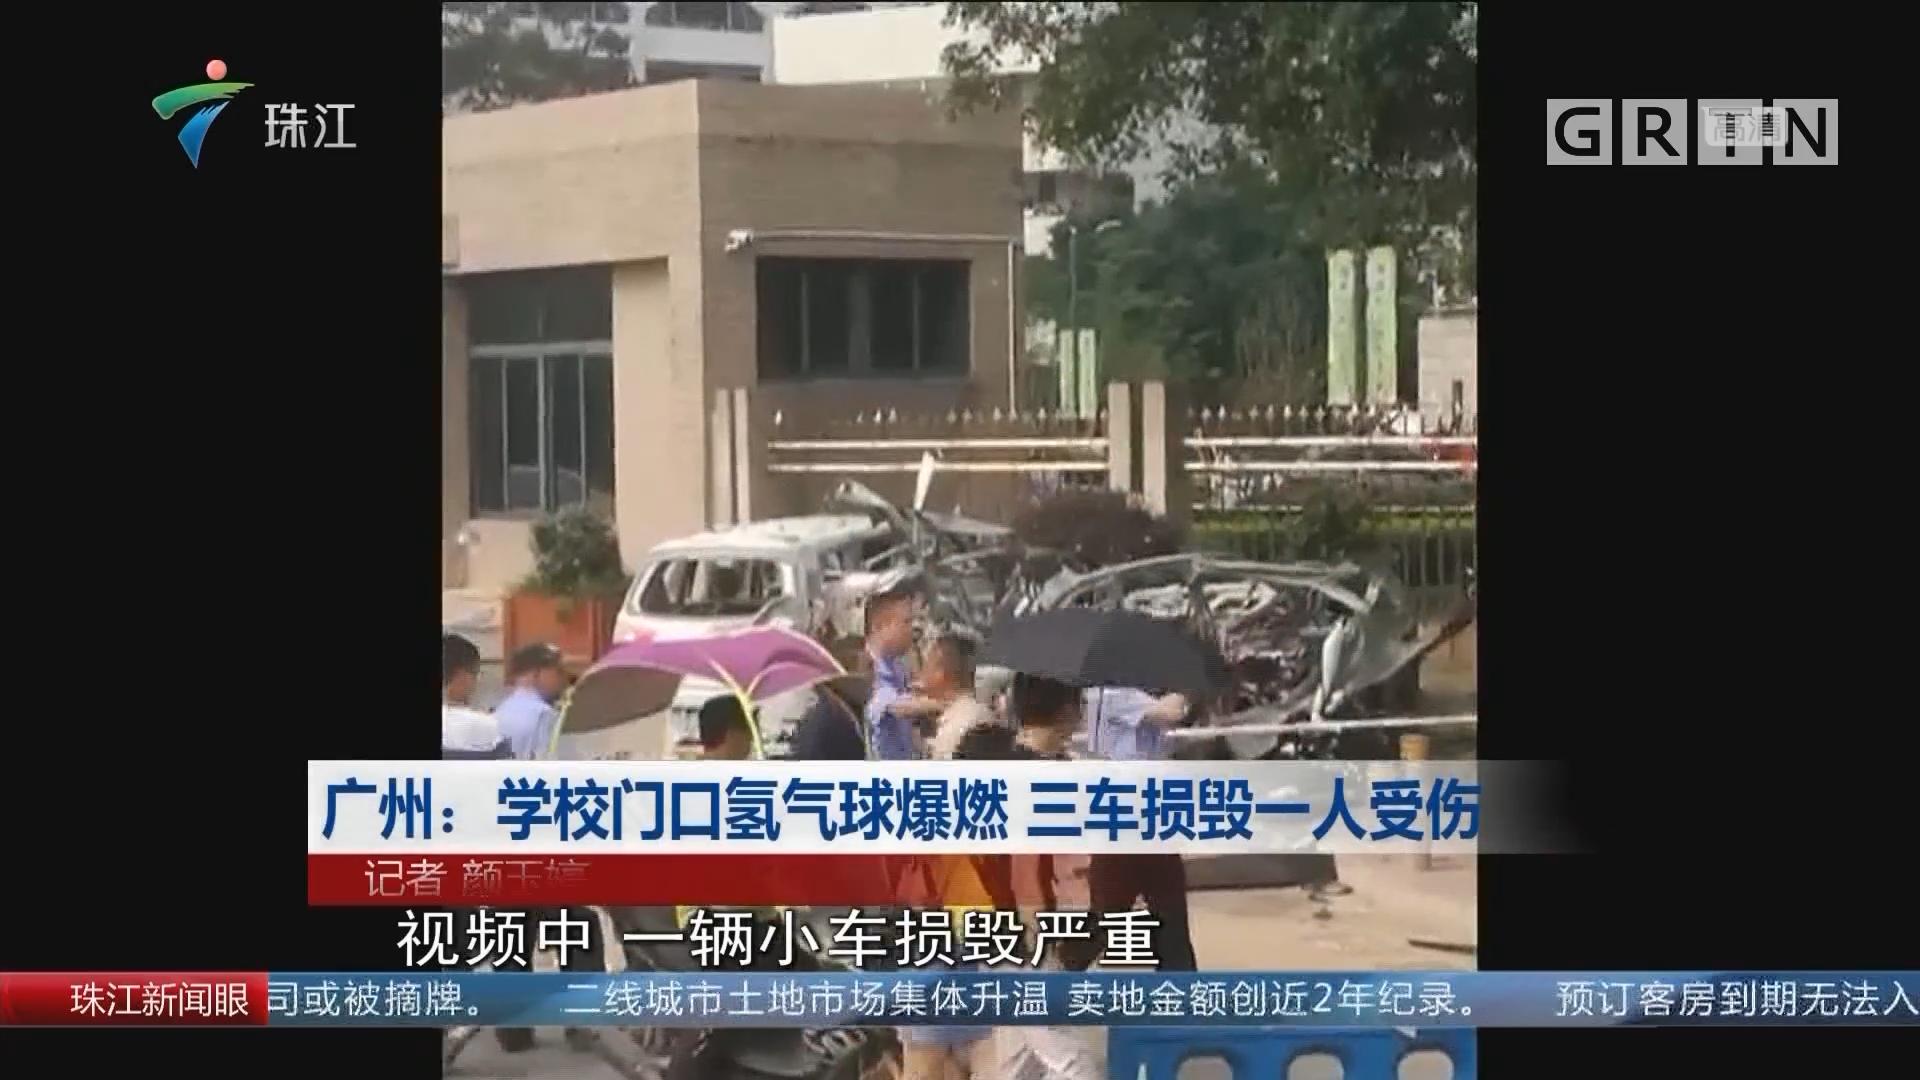 广州:学校门口氢气球爆燃 三车损毁一人受伤